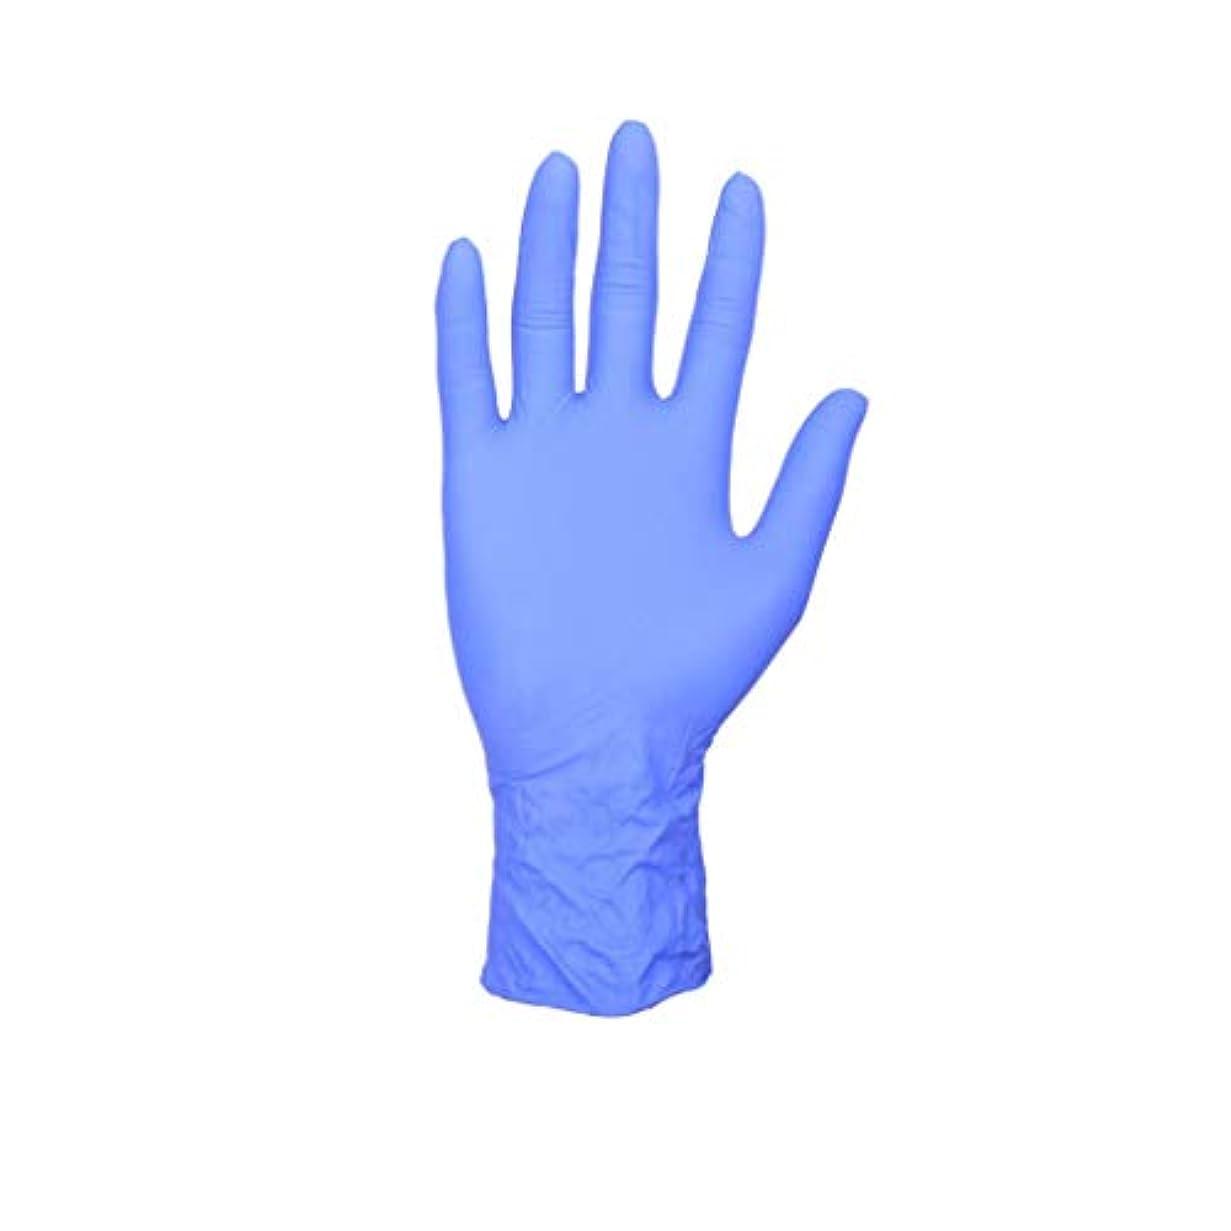 まで後者スカイ手袋、使い捨てゴム手袋、検査、丁清手袋、油と静電気防止手袋、ラテックス手袋100ペア。 (サイズ さいず : L l, UnitCount : 100 pairs)